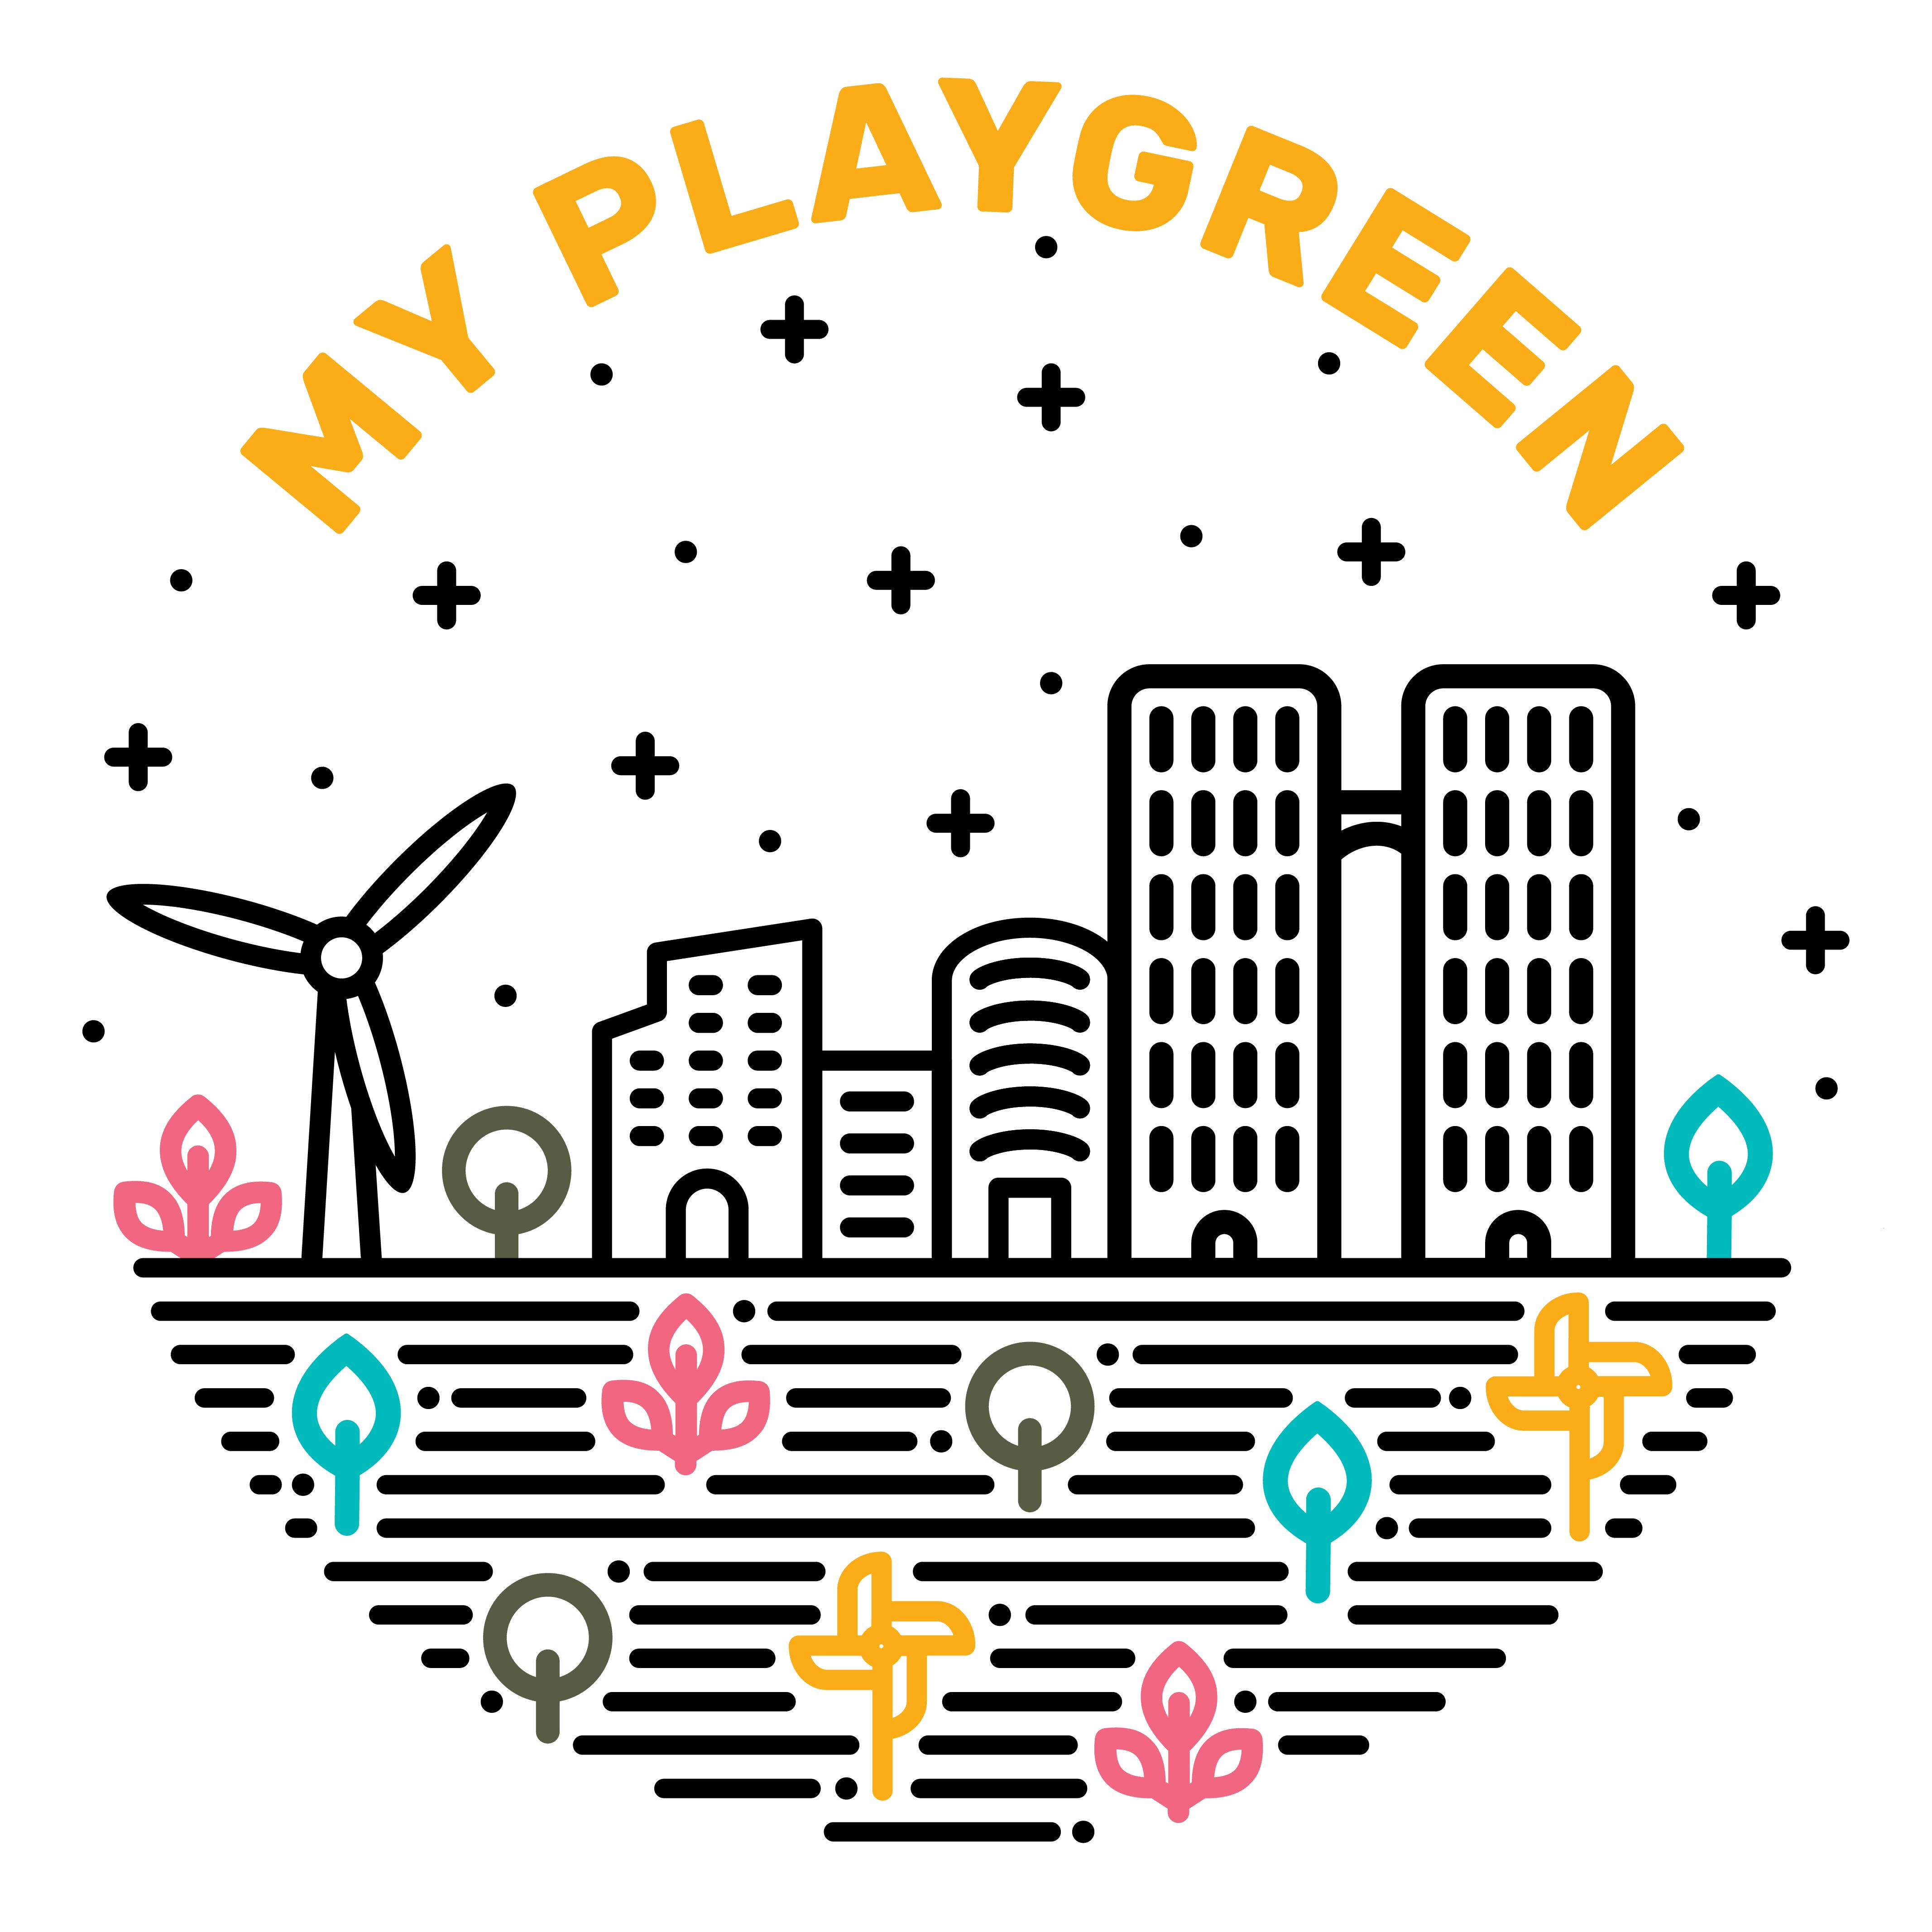 Timberland My PlayGreen (1)